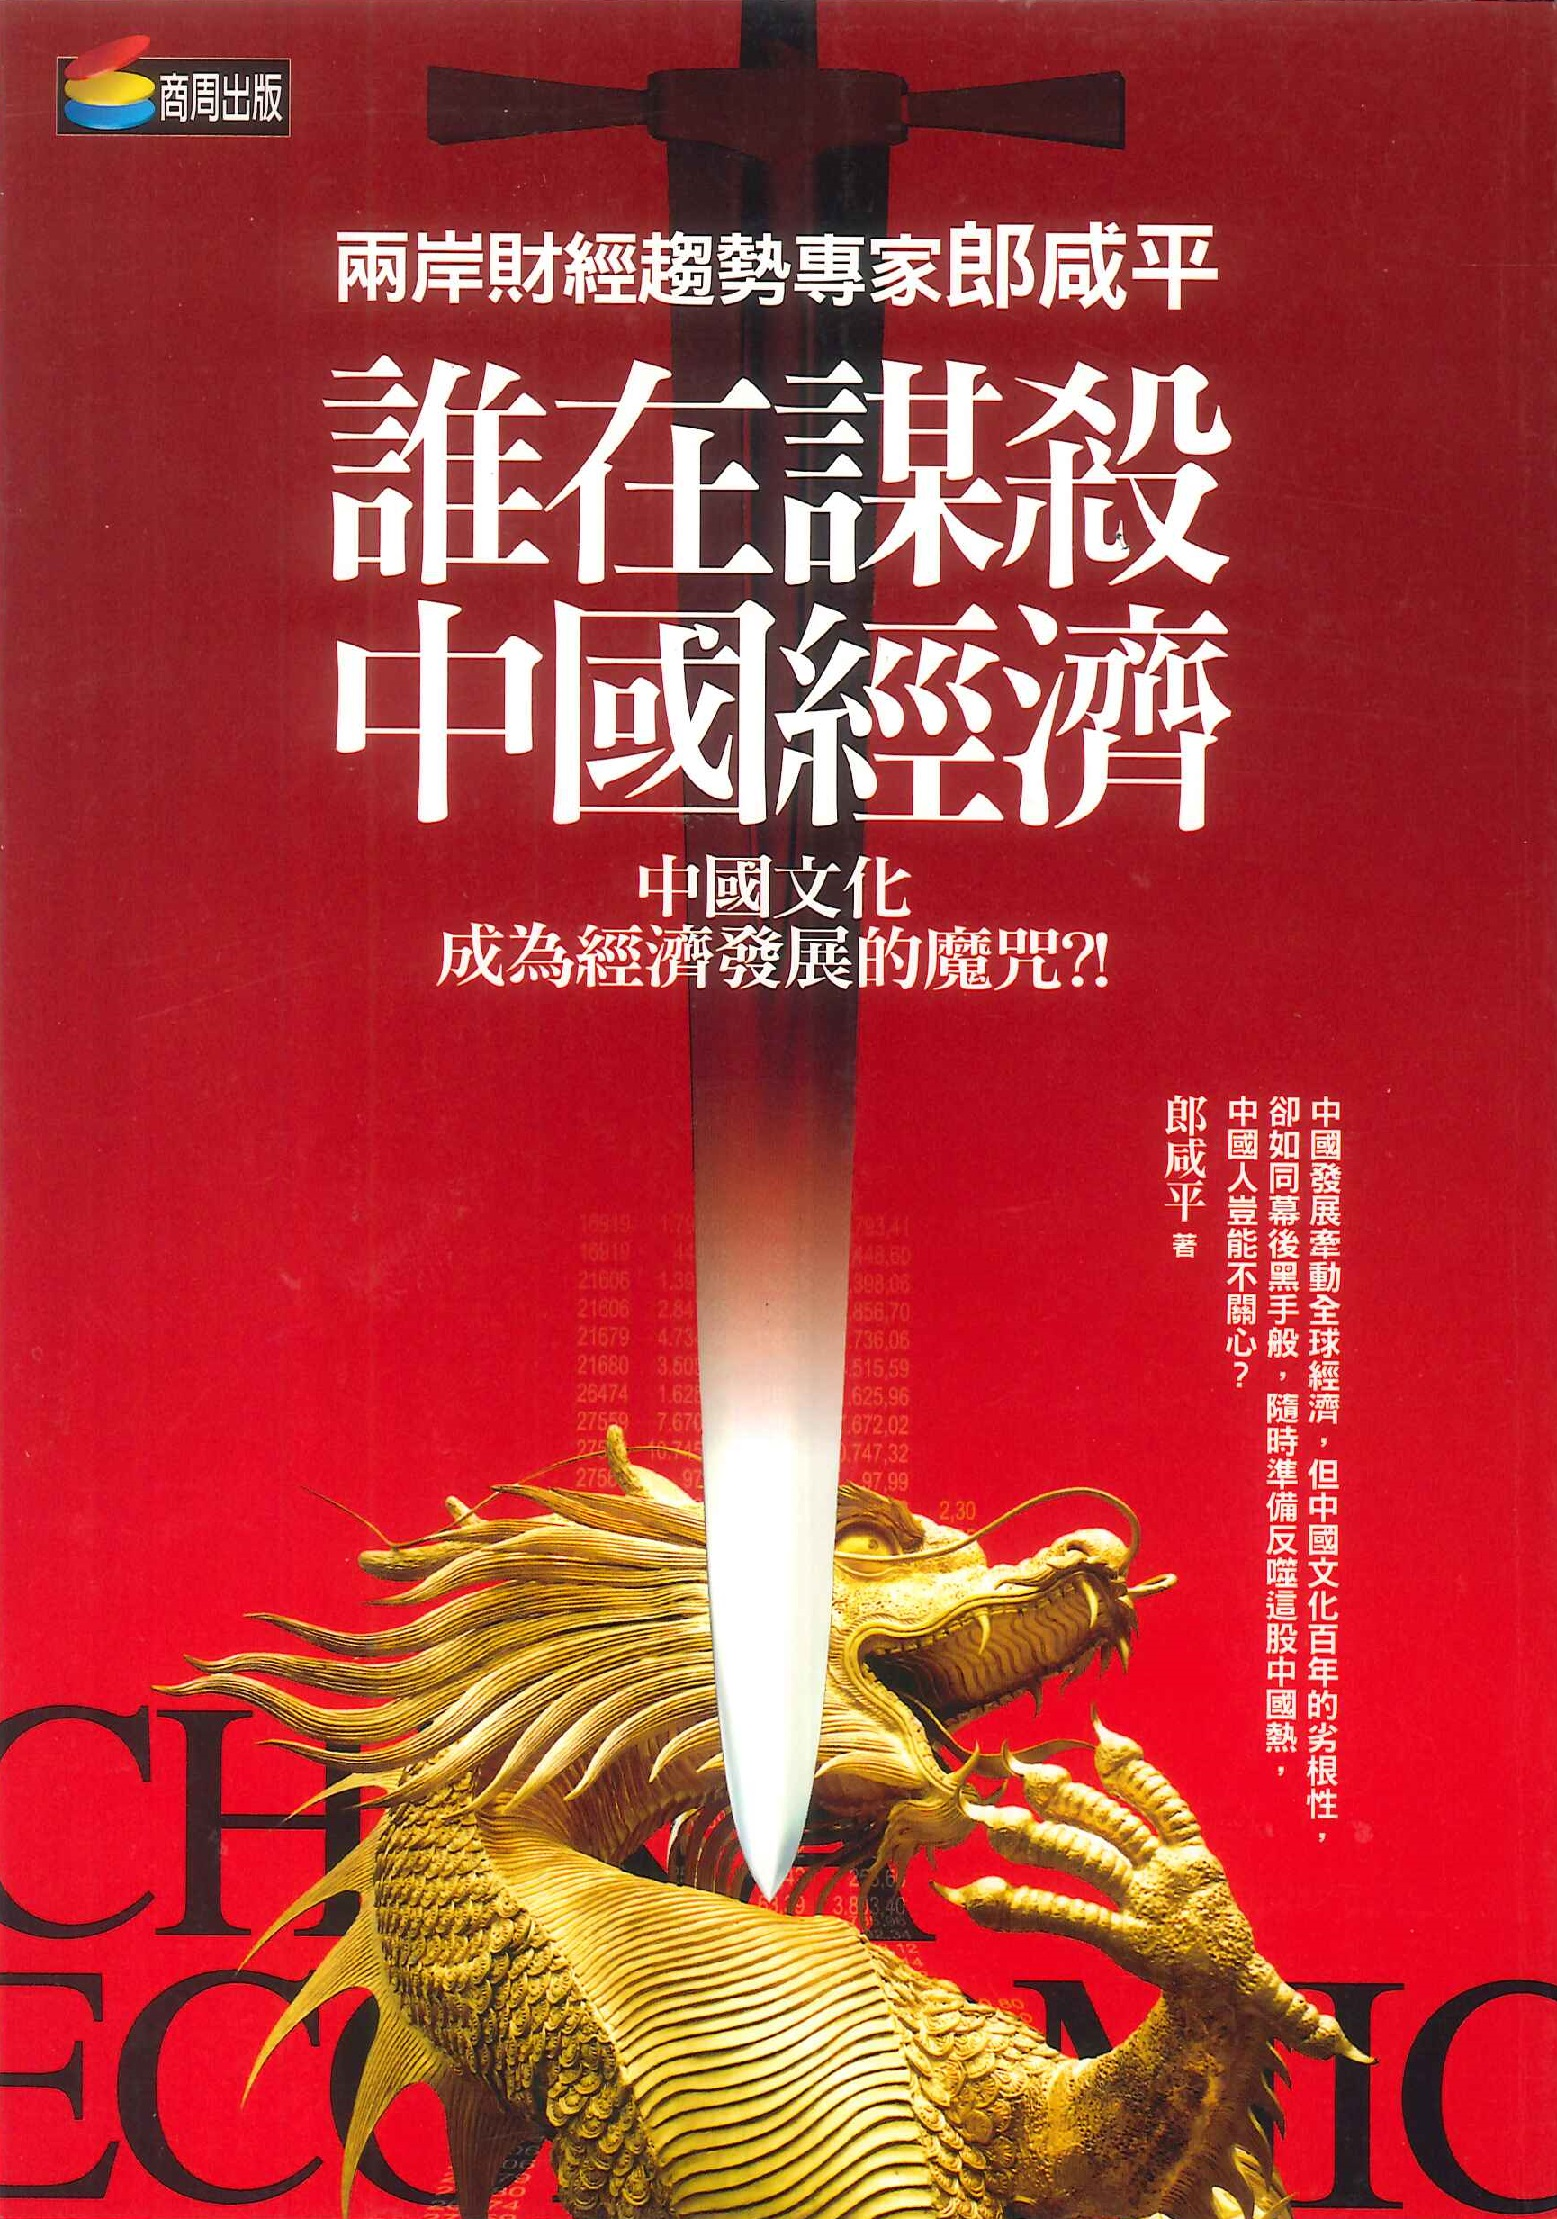 誰在謀殺中國經濟:中國文化成為經濟發展的魔咒?!